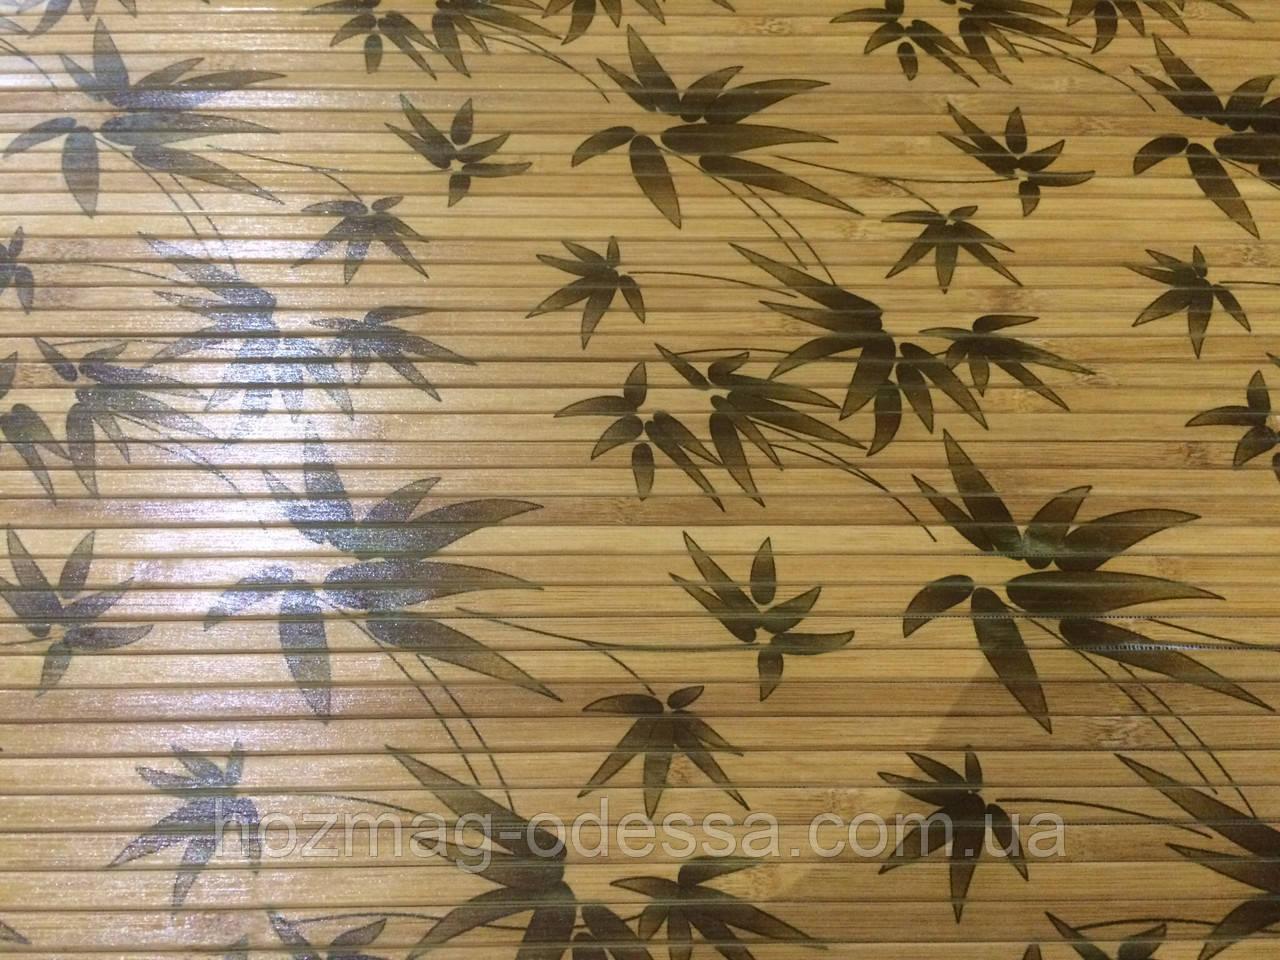 """Бамбуковые обои """"листья бамбука"""" коричневые лак.матовый, ширина 90 см"""